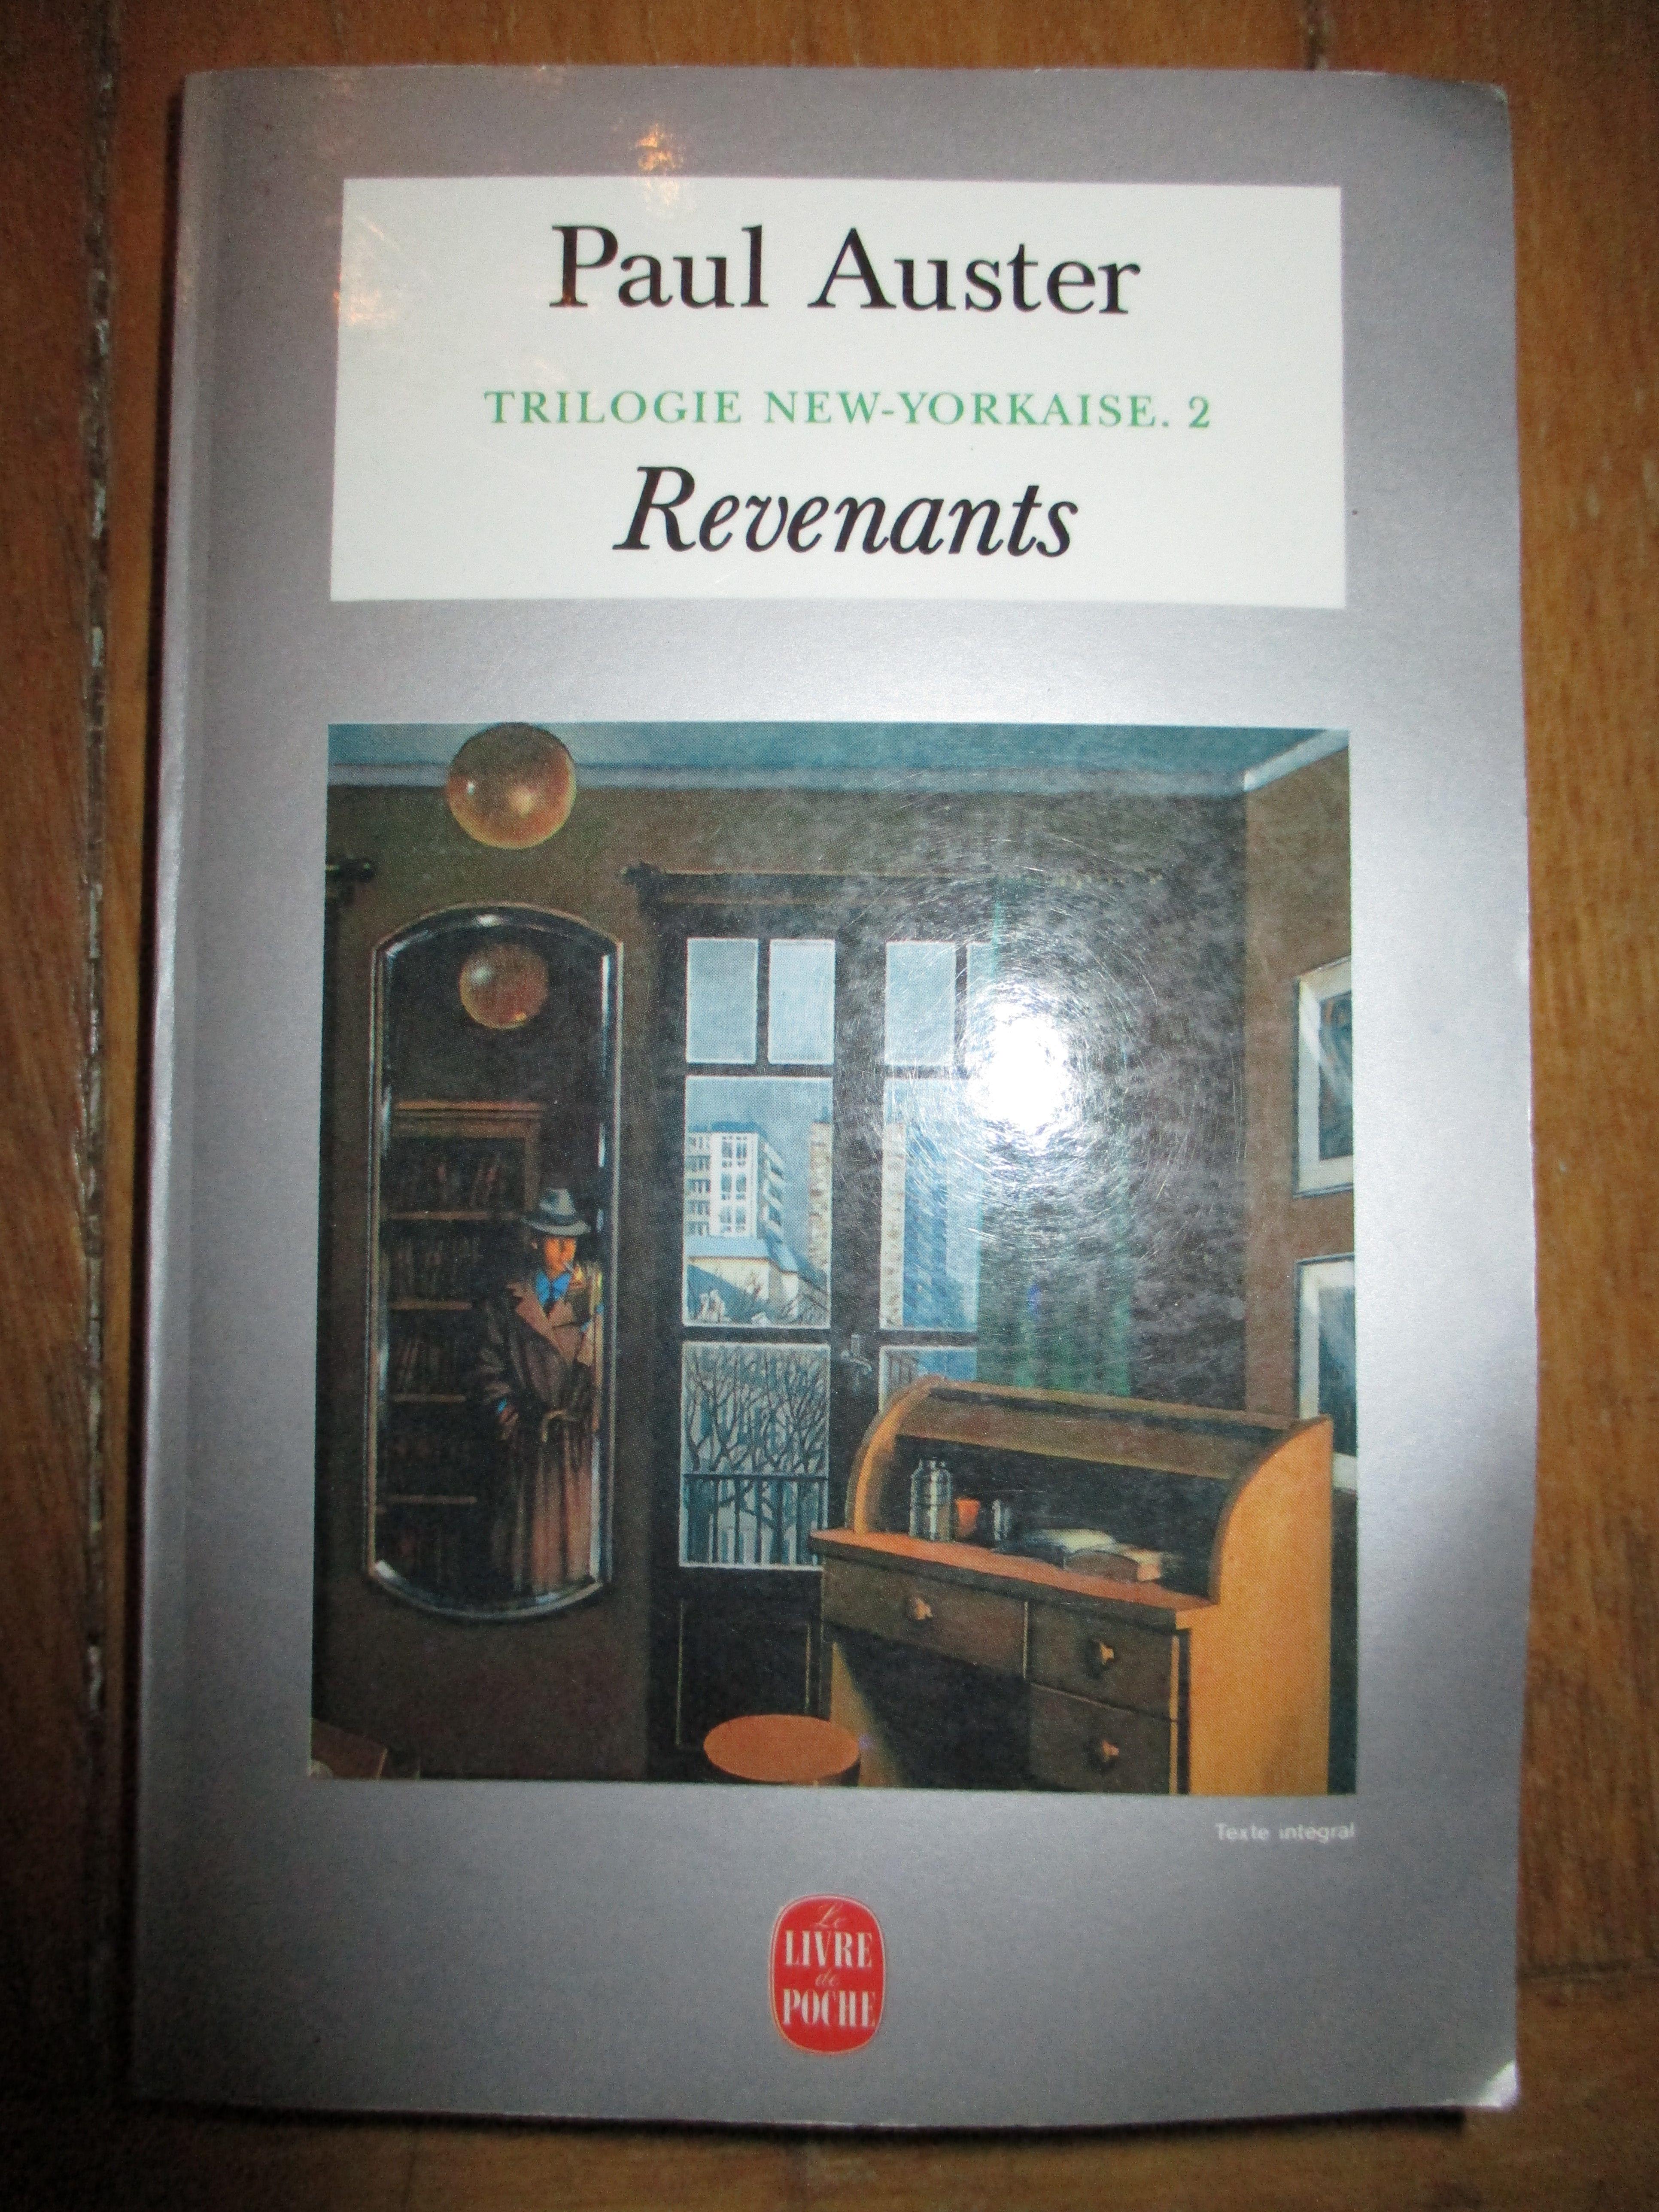 Revenants par Paul Auster 1 Sathonay-Village (69)